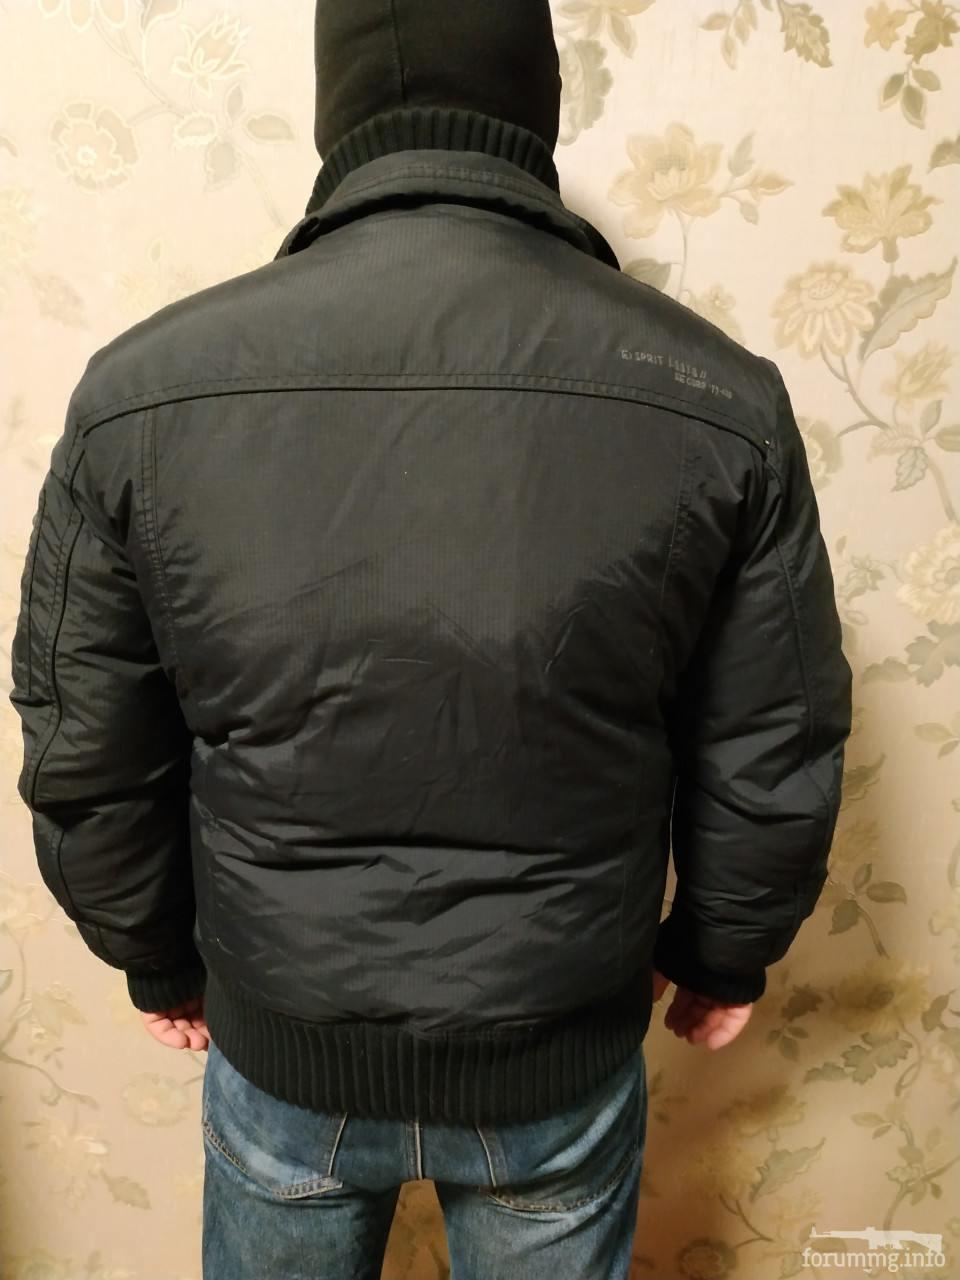 136437 - Тепла пухова куртка бомбер